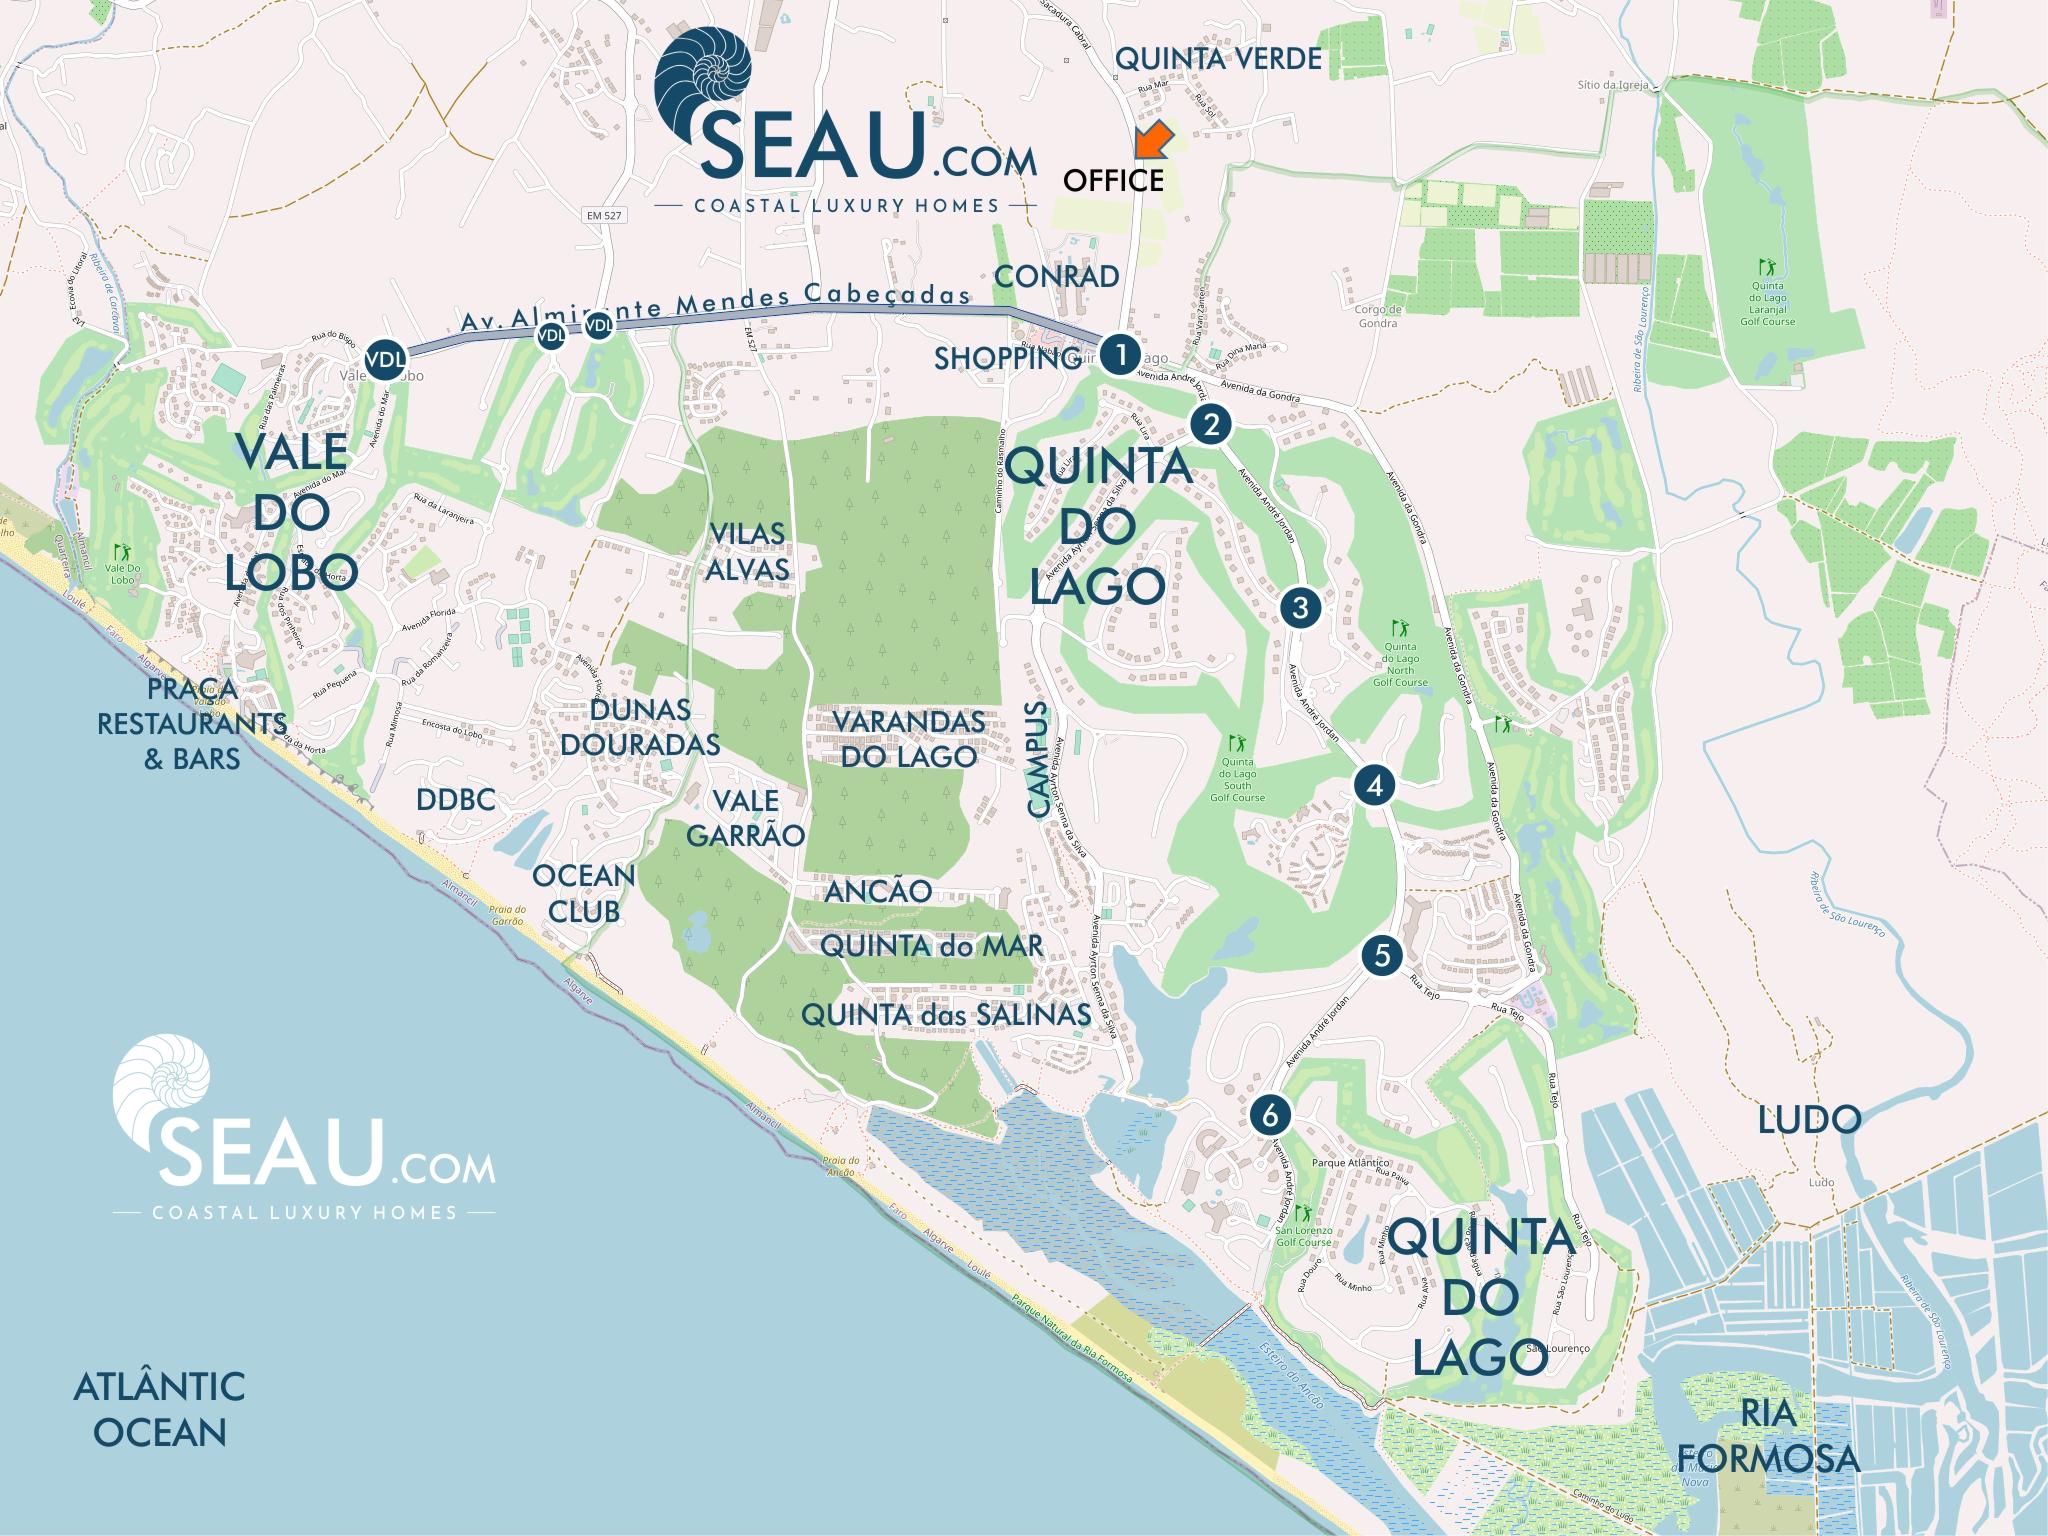 Carte des régions de Quinta do Lago et de Vale do Lobo. Les bureaux de SEAU.com sont situés à QuintaPortal, à 600 mètres du premier rond-point de Quinta do Lago